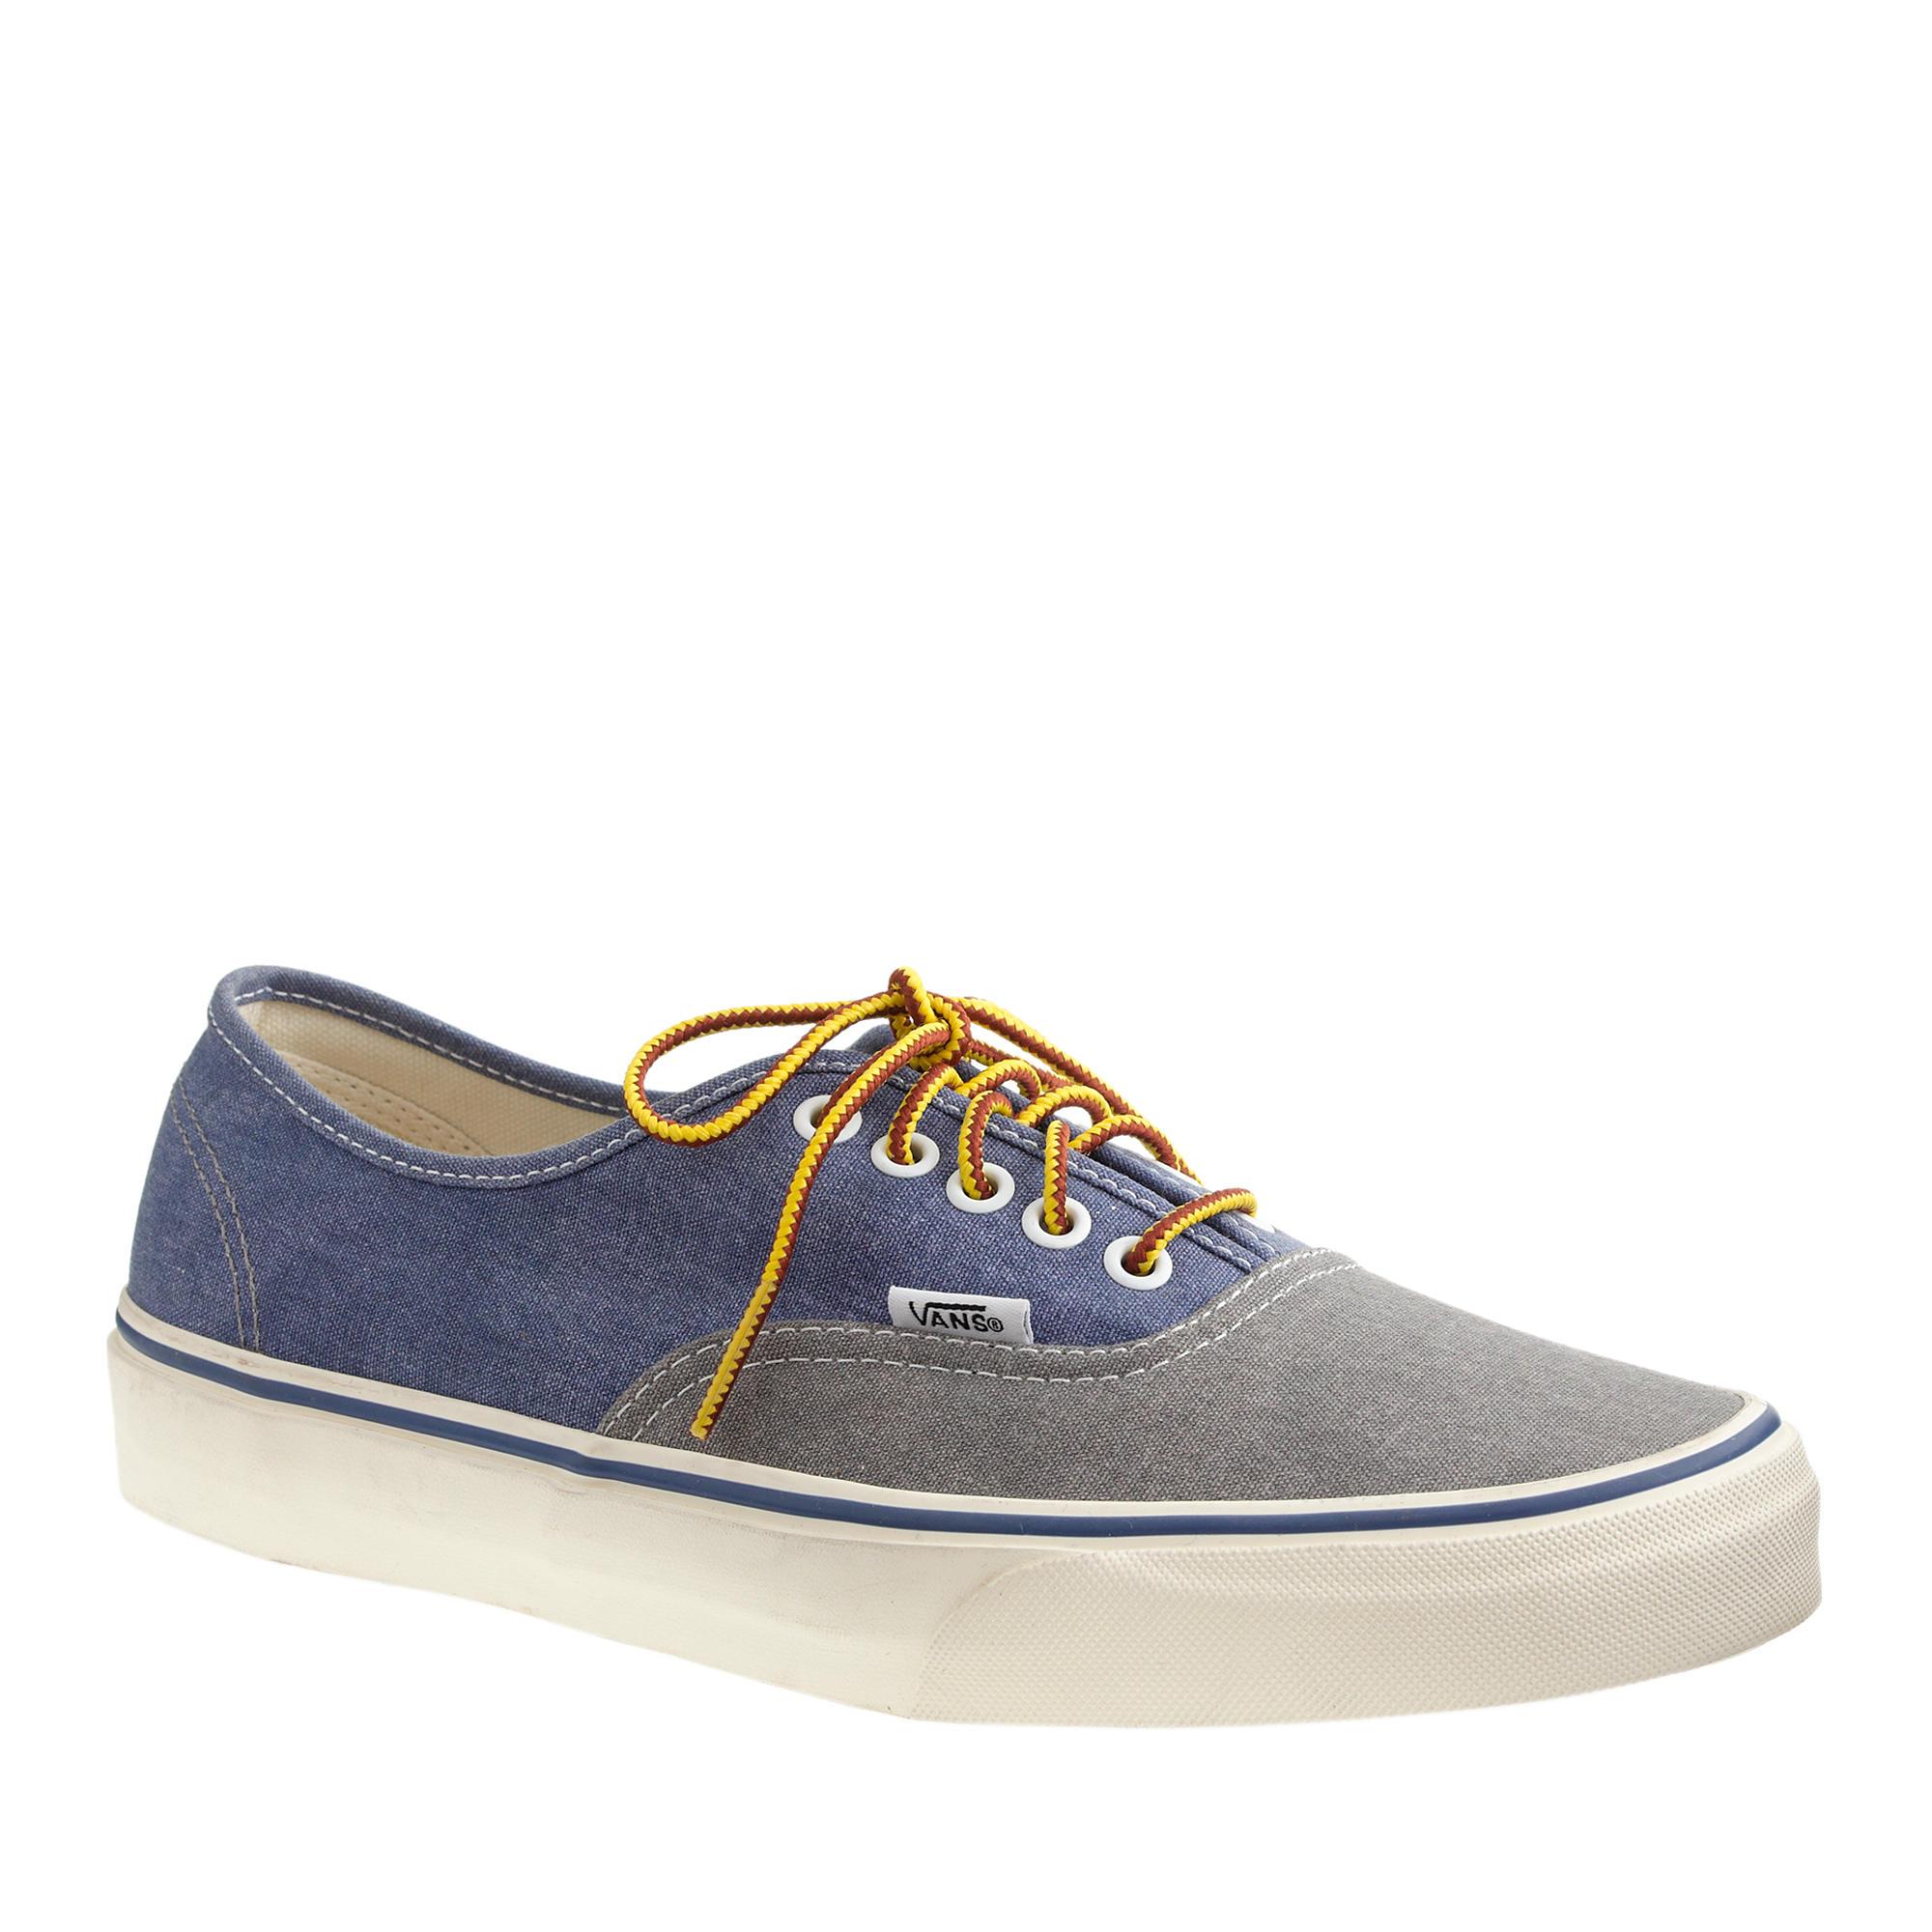 Jcrew Vans Shoe Laces